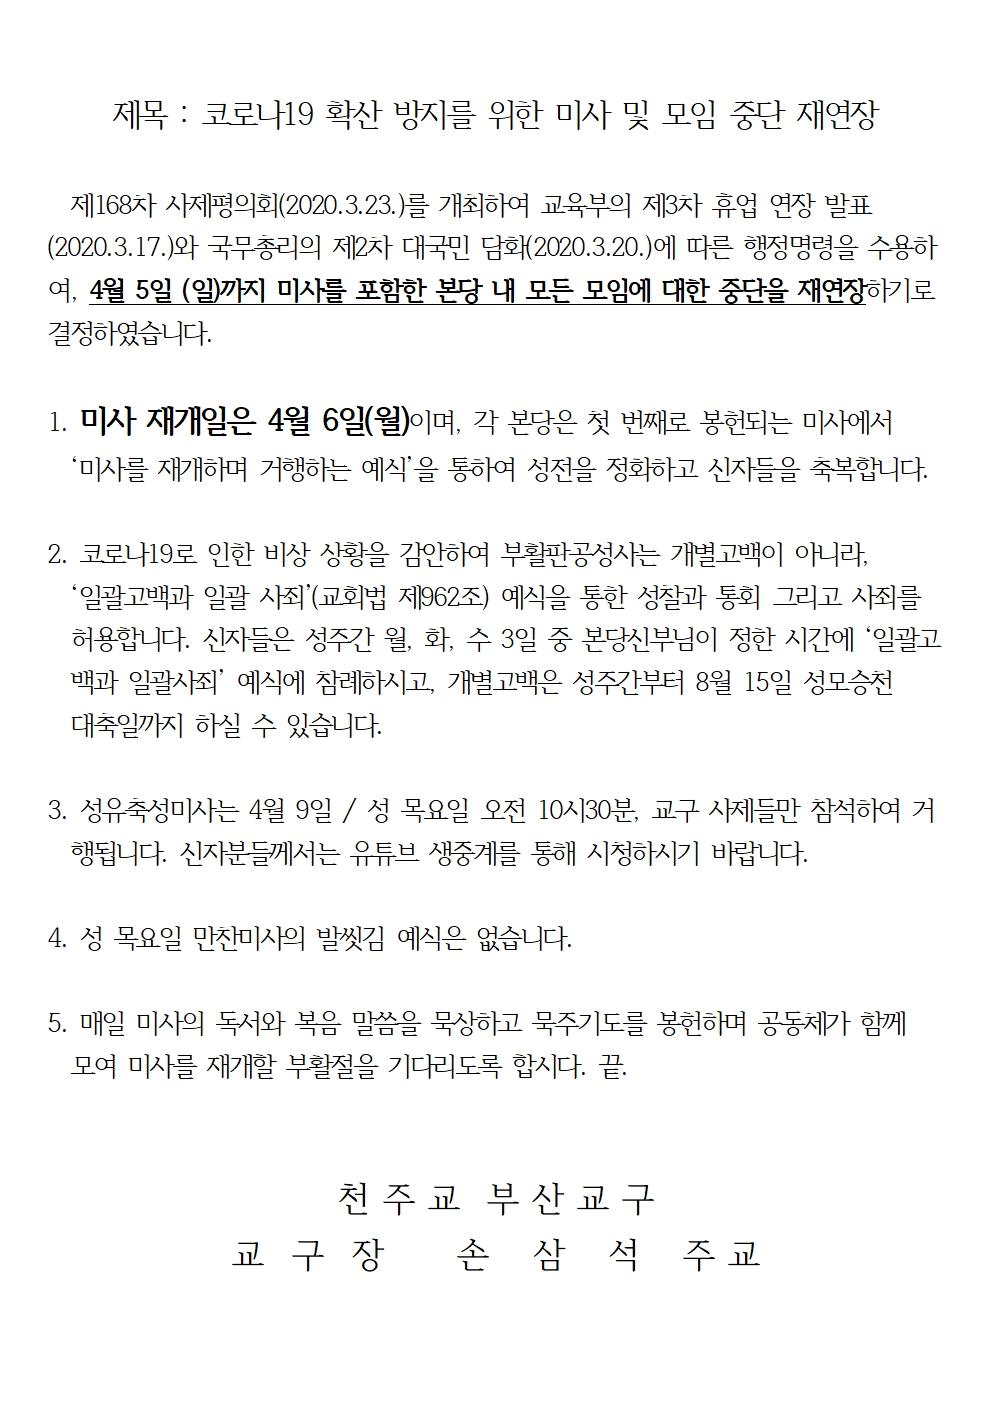 미사 및 모임 중단 재연장 안내001.jpg